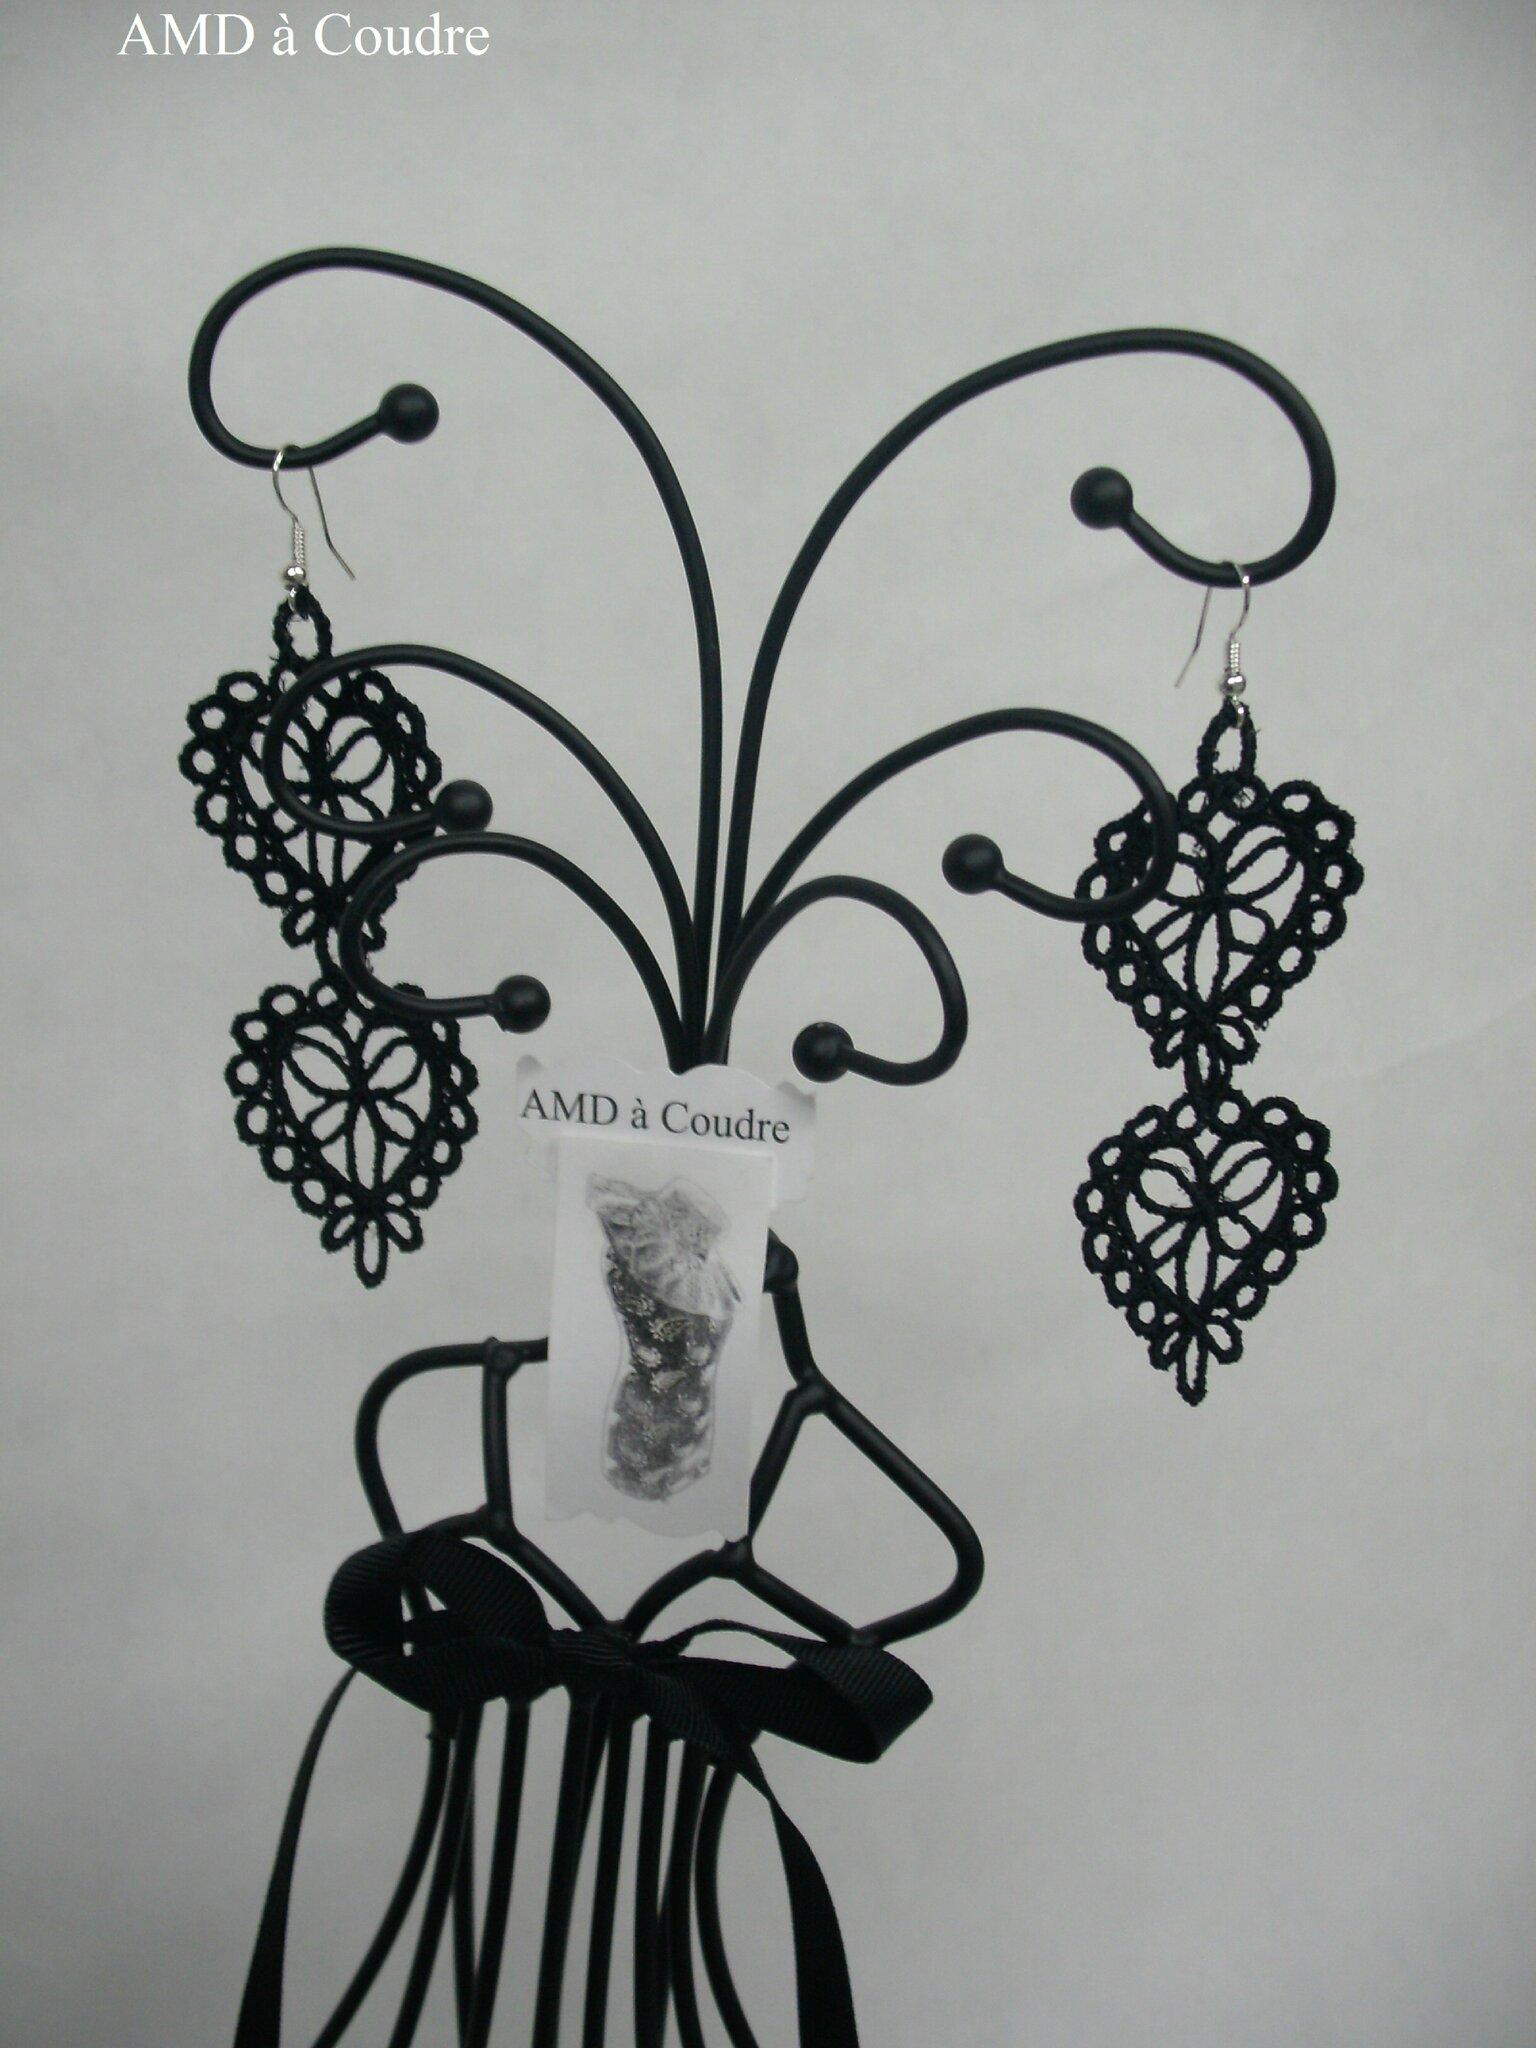 Bijoux brodés dentelle-lace-embroidery by AMD à Coudre